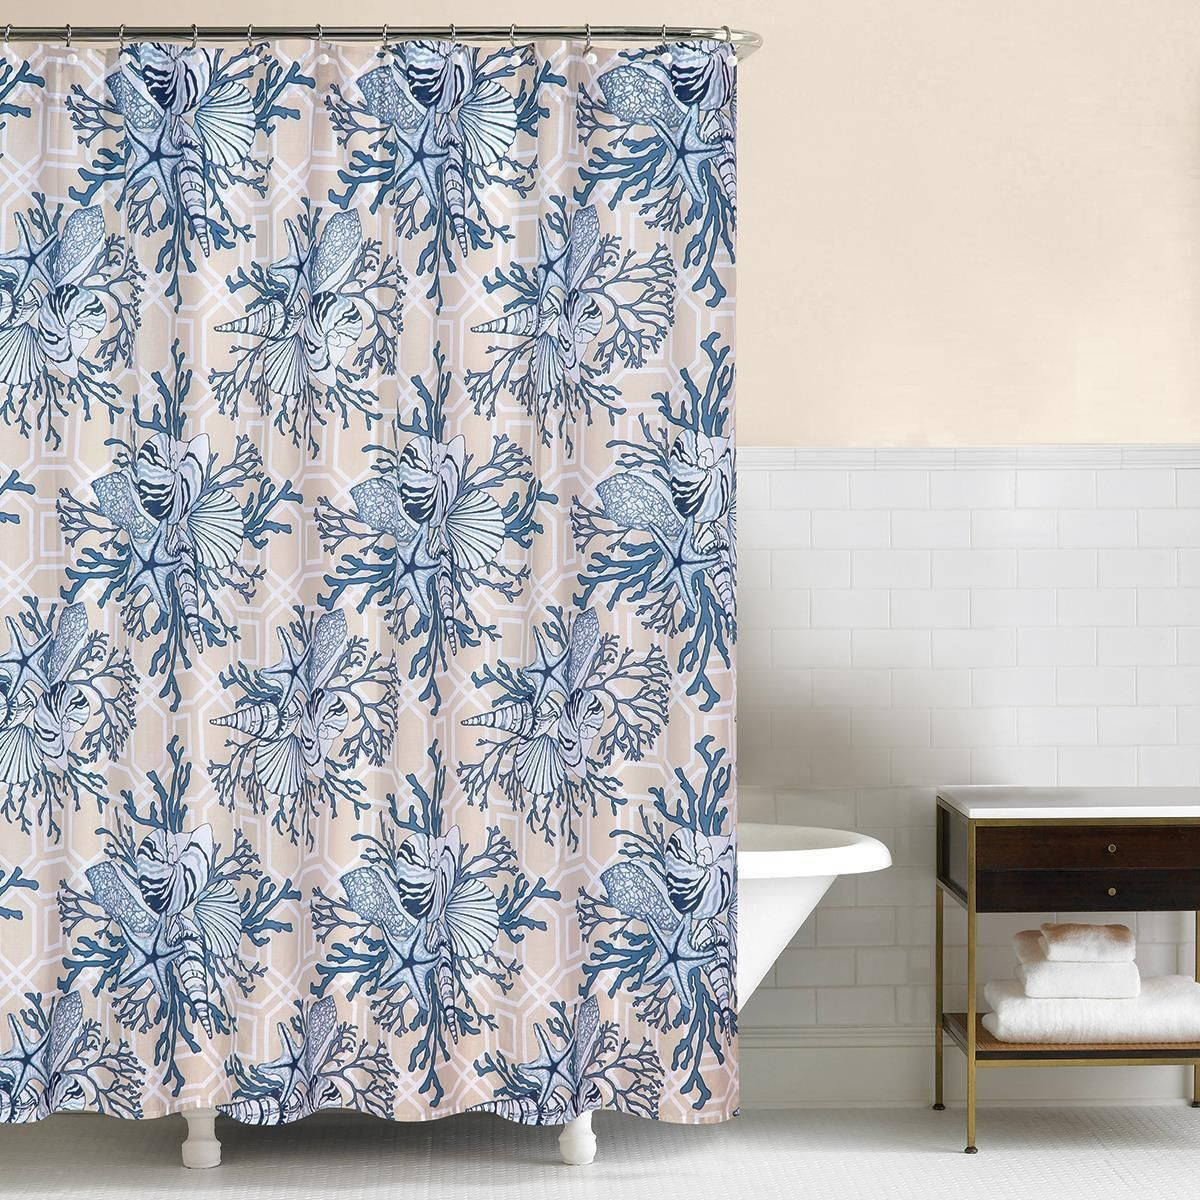 Indigo Sound Shower Curtain Curtains Shower Home